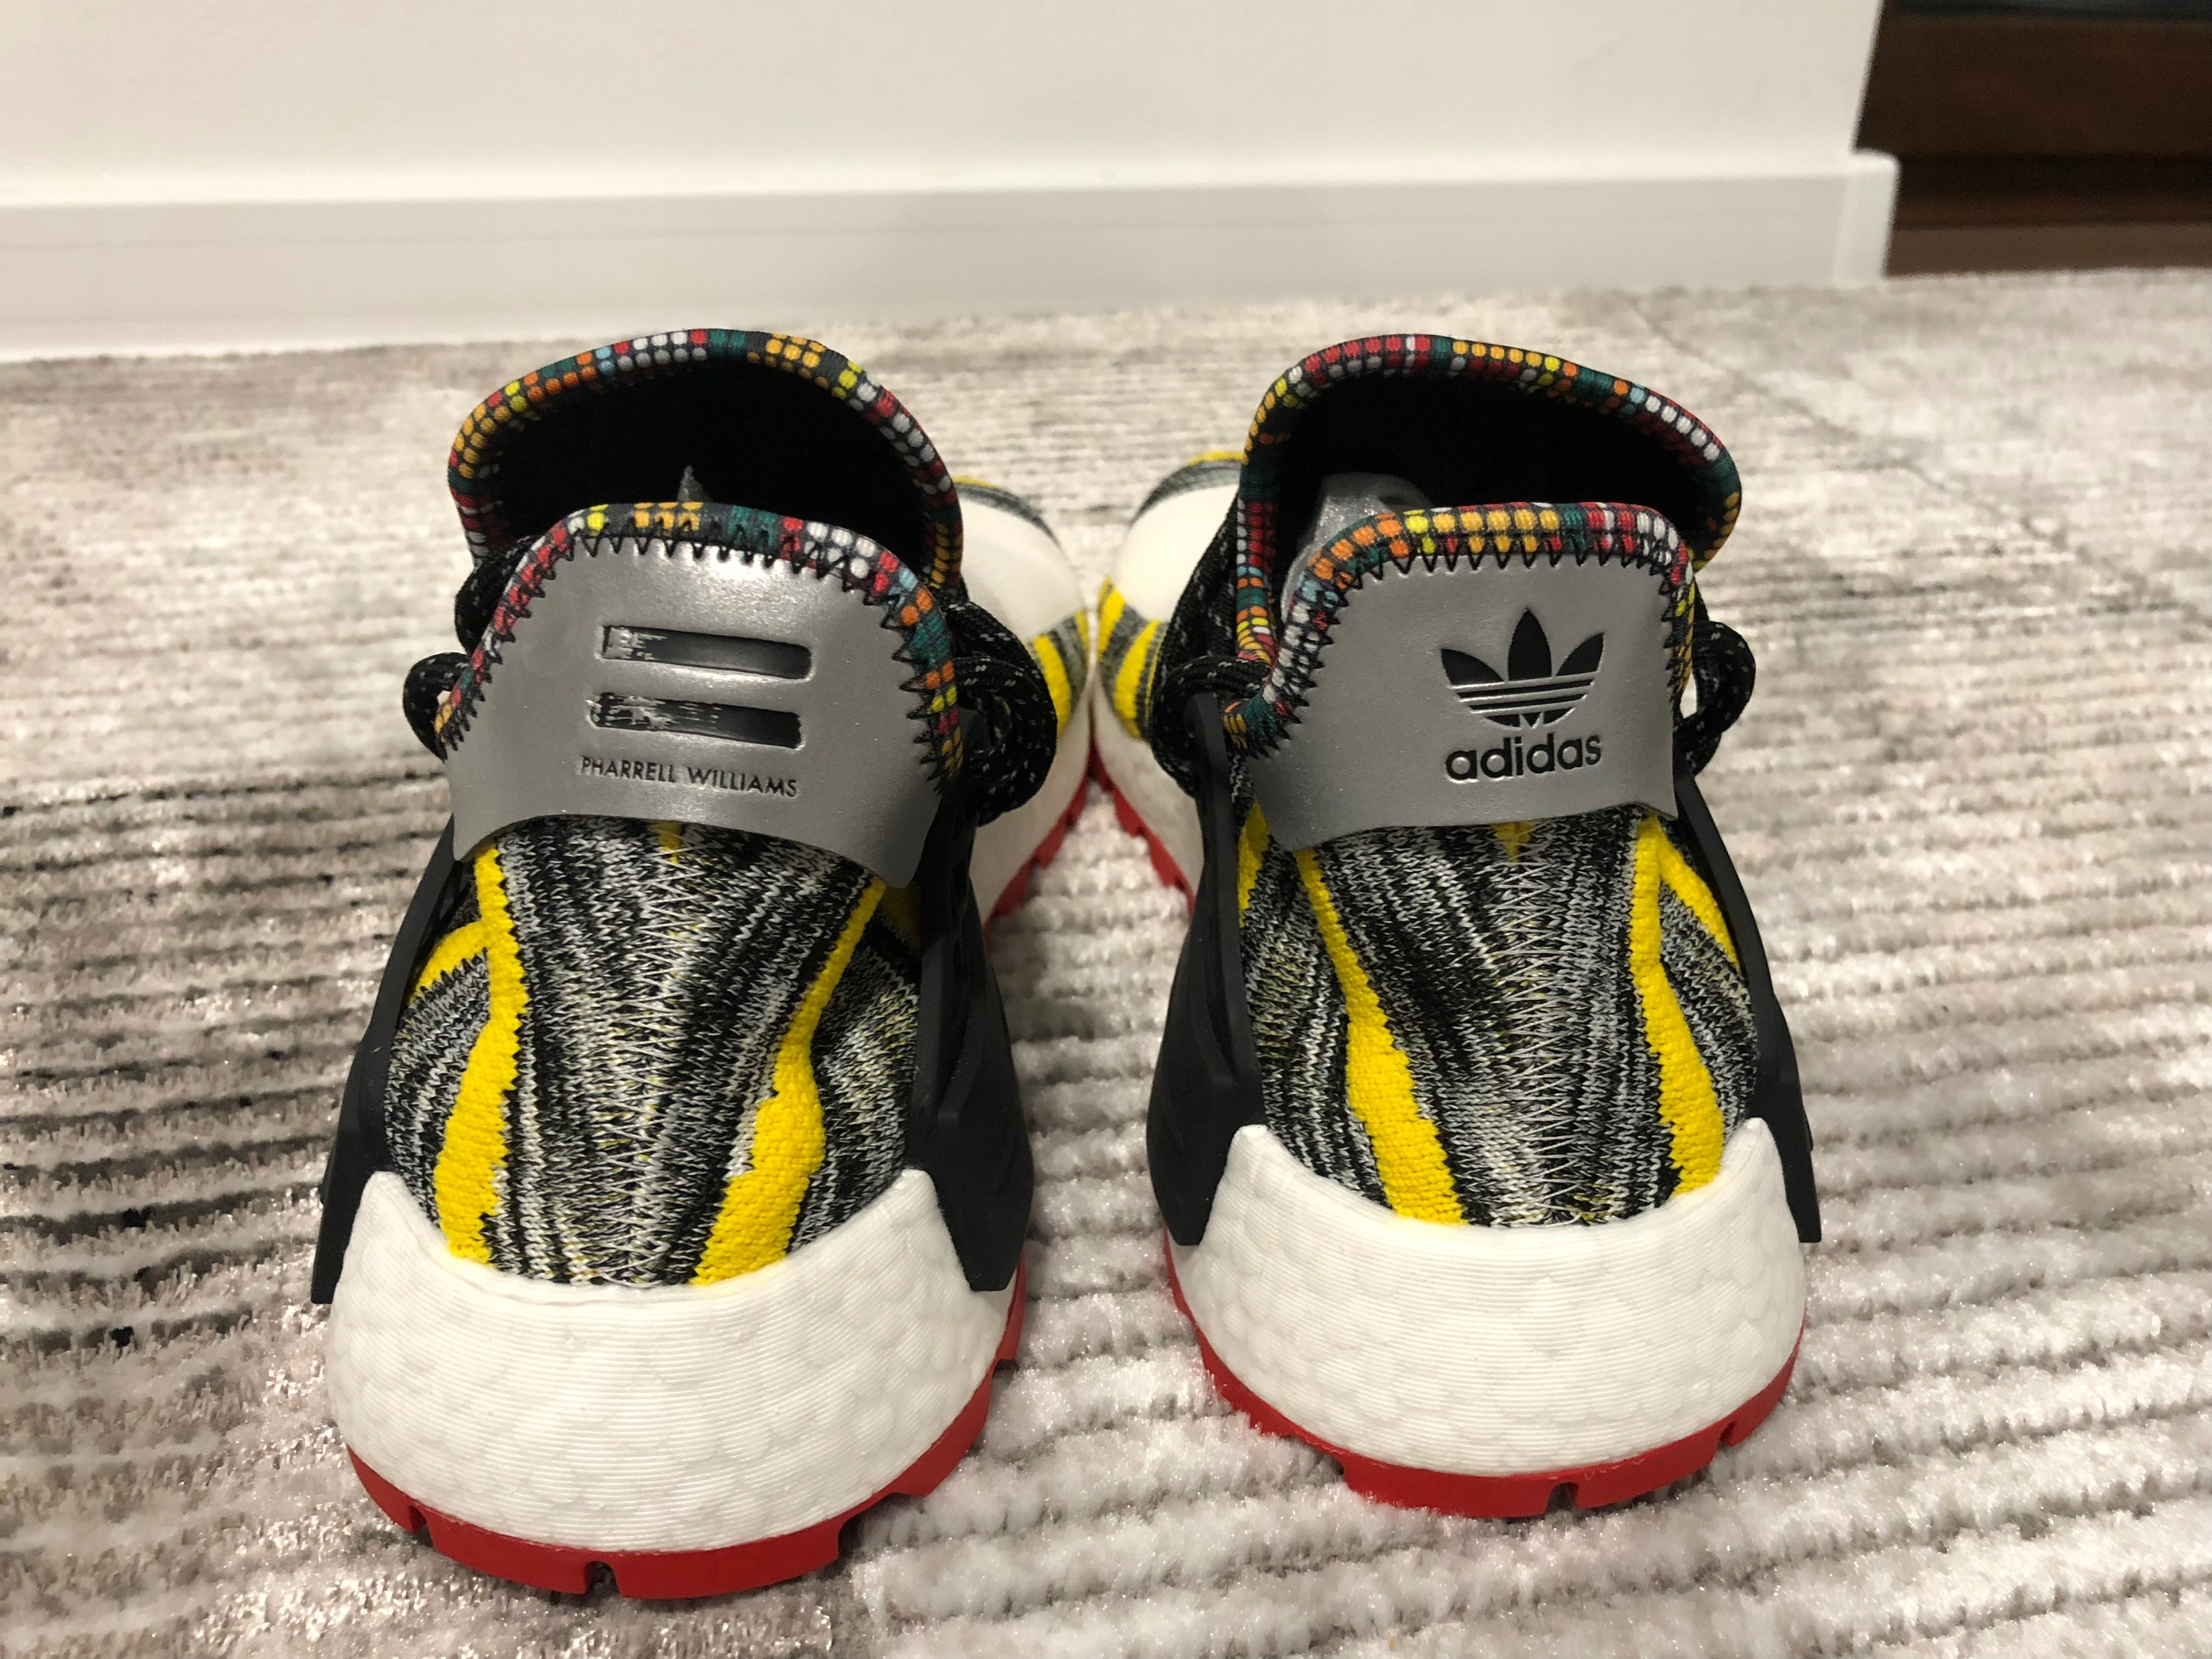 najniższa cena podgląd wysoka moda Adidas Pharell WIlliams NMD Human Race Afro Żółte ...